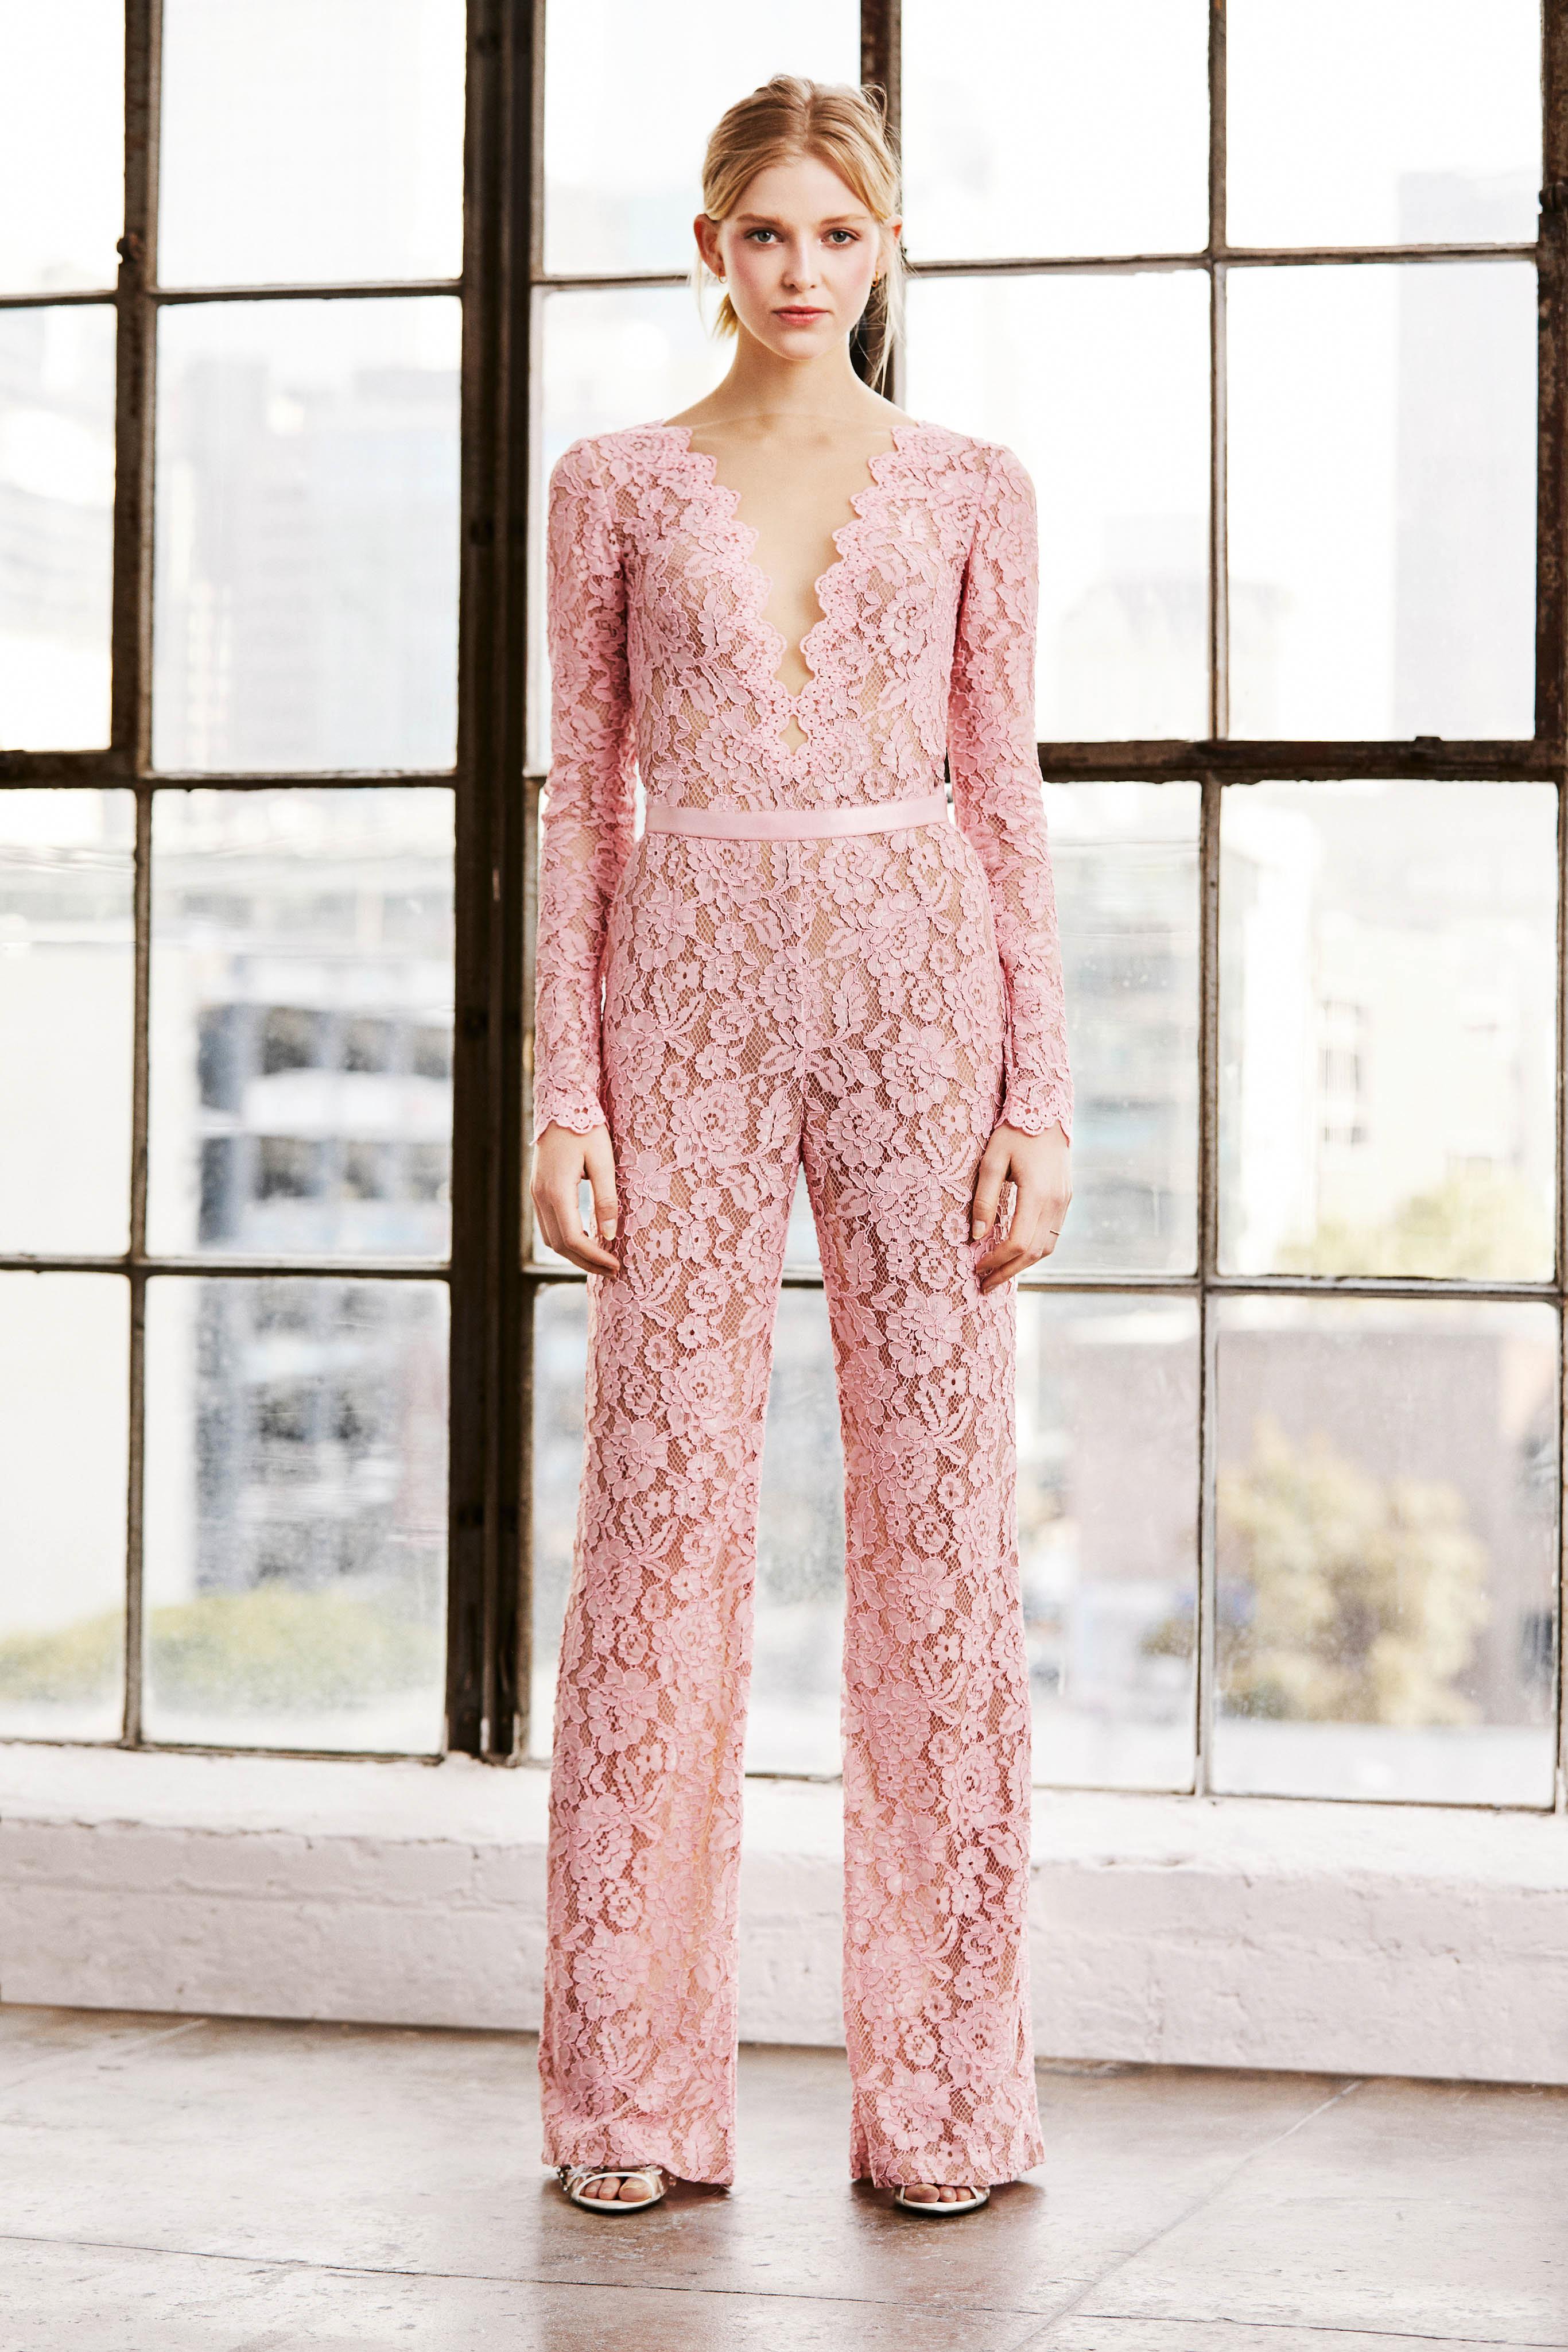 tadashi shoji wedding dress spring 2019 pink lace jumpsuit pants long sleeves